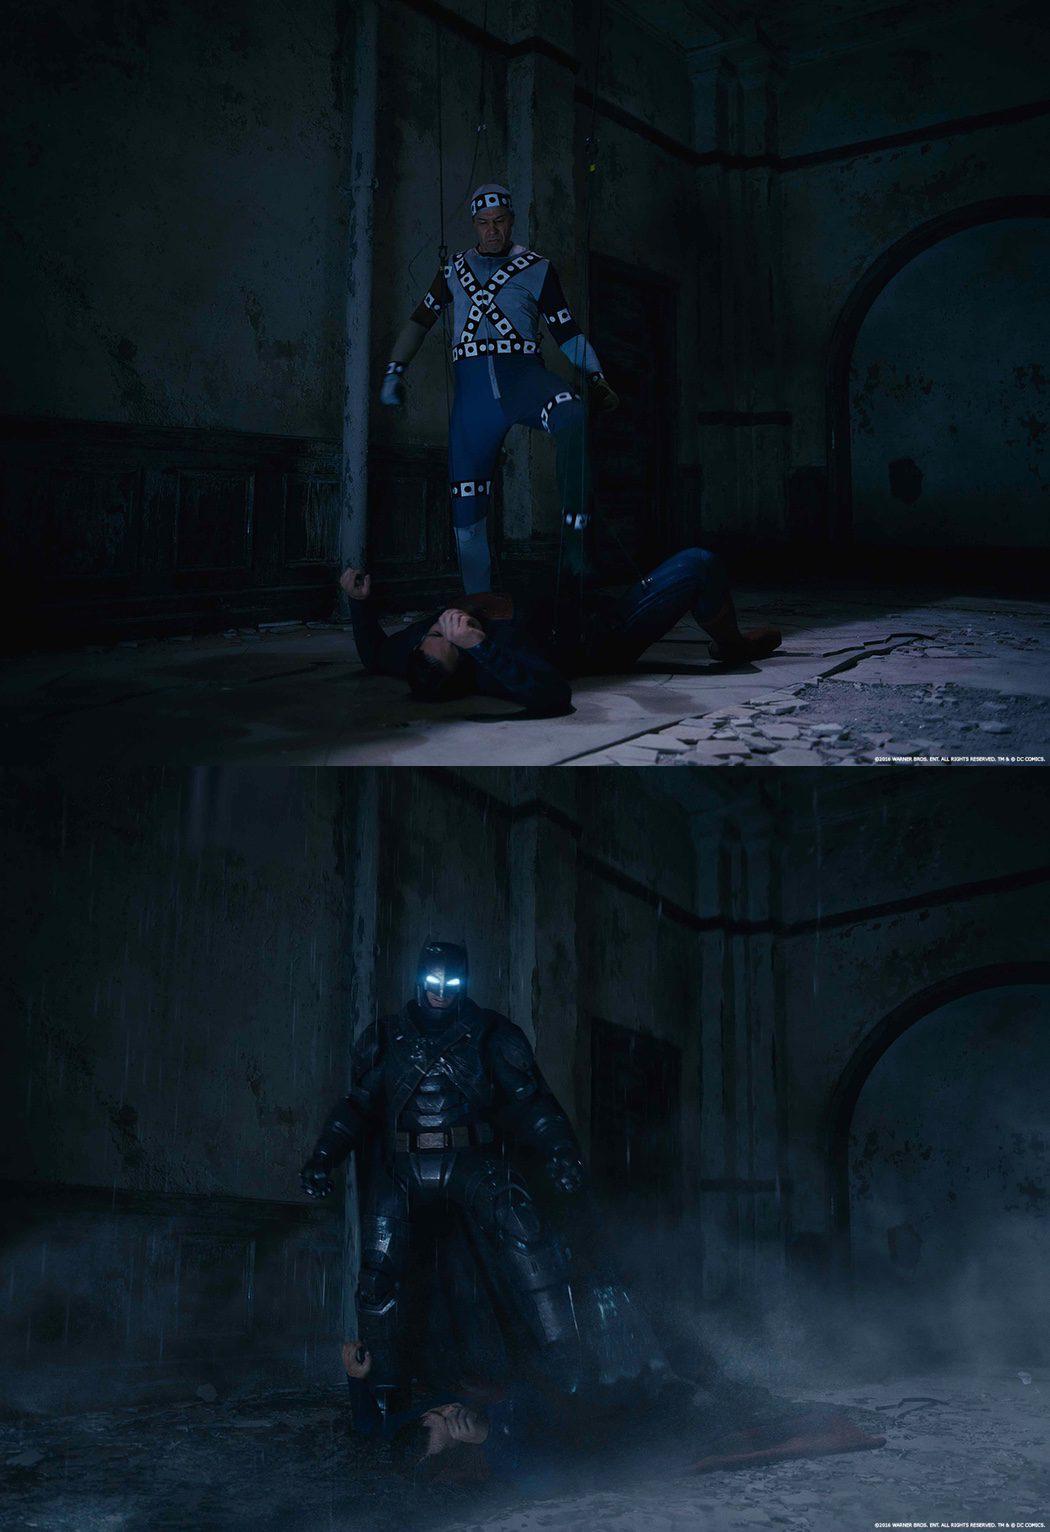 El traje de Batman en 'Batman v Superman' antes de los VFX